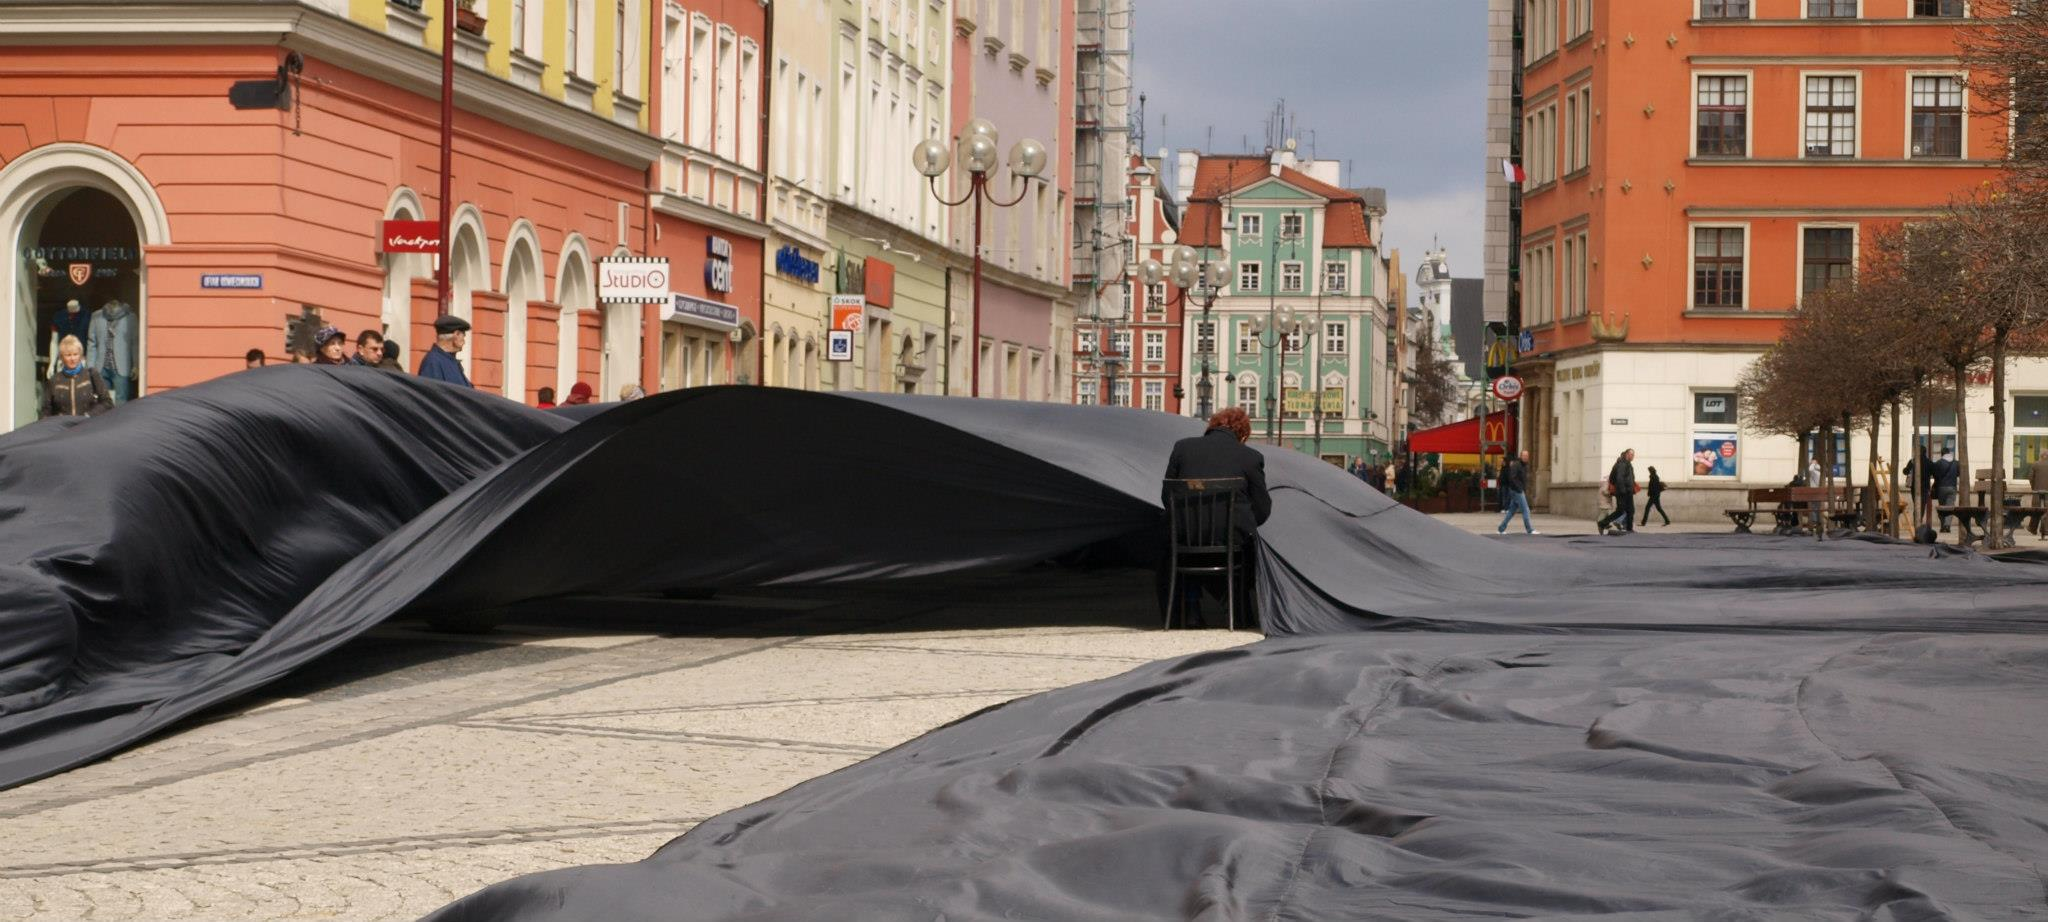 Strumień Pamięci - Epitafium Katyńskie 2010 Wrocław, 10.04.2010 fot. Igor Kalina